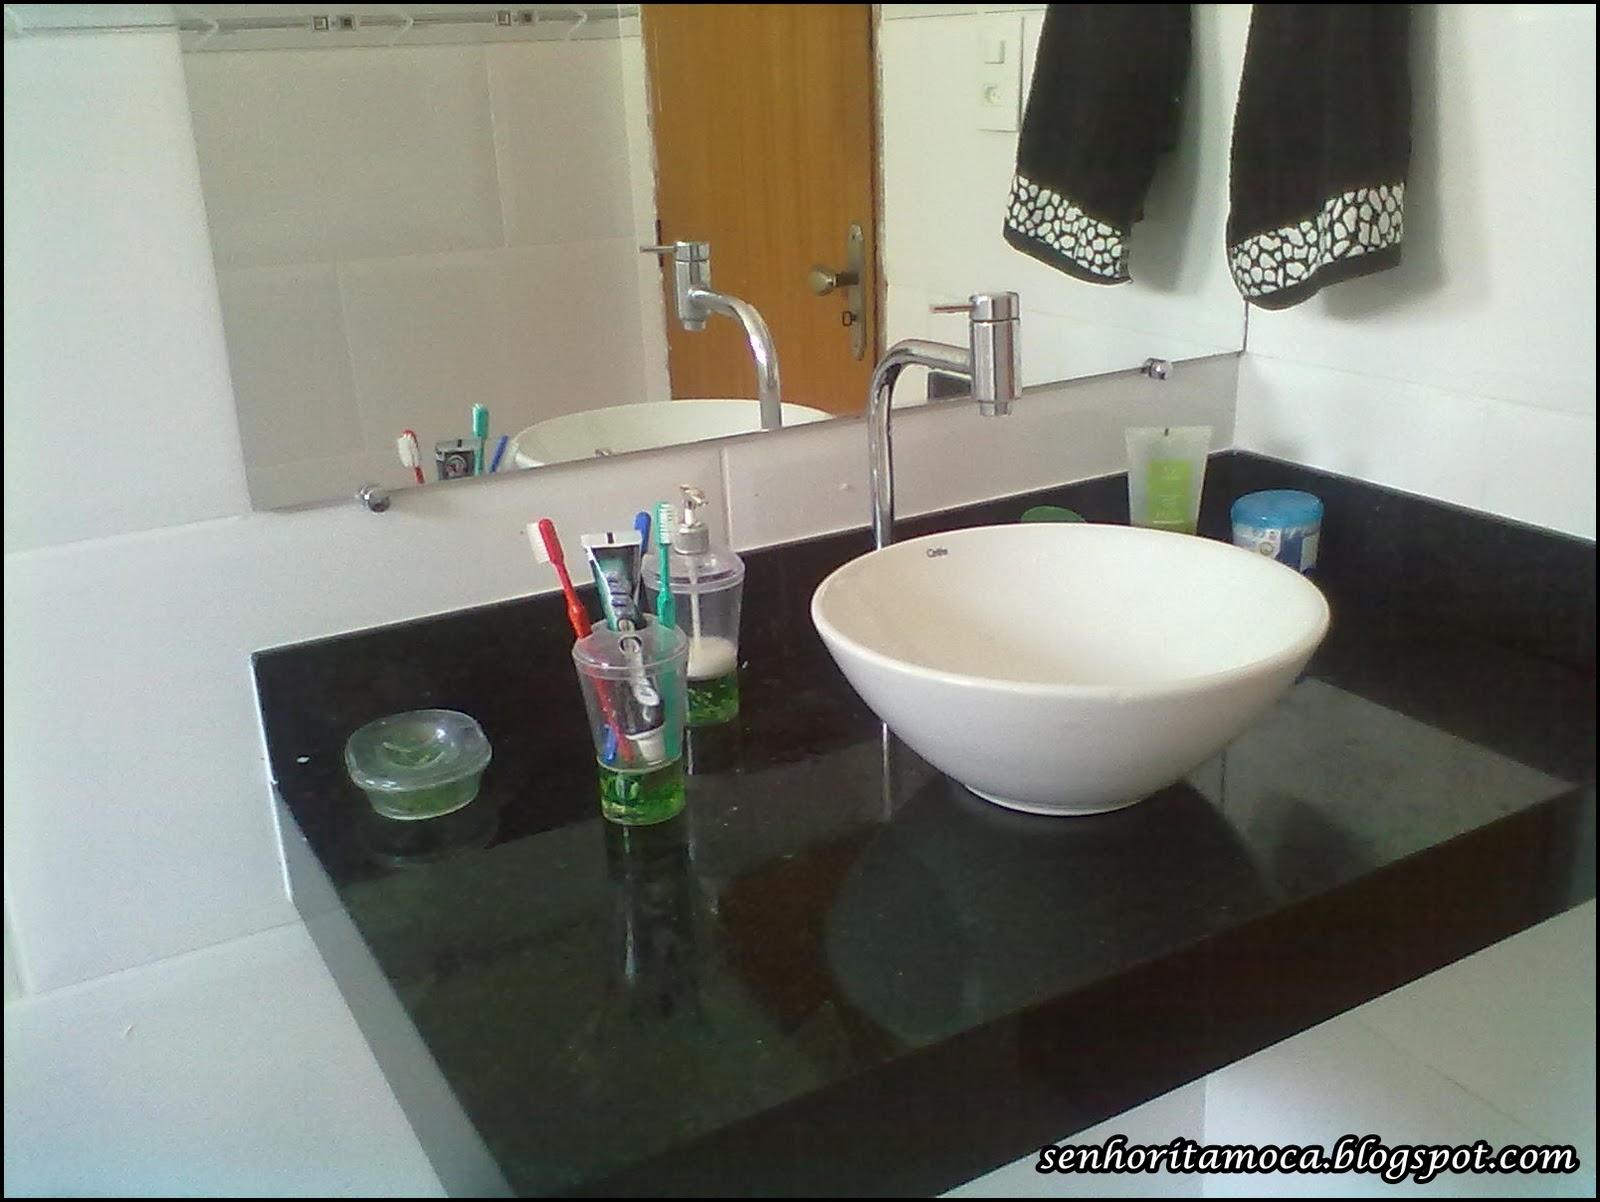 sєηнσяıтα мσçα -> Cuba Para Banheiro Bronze